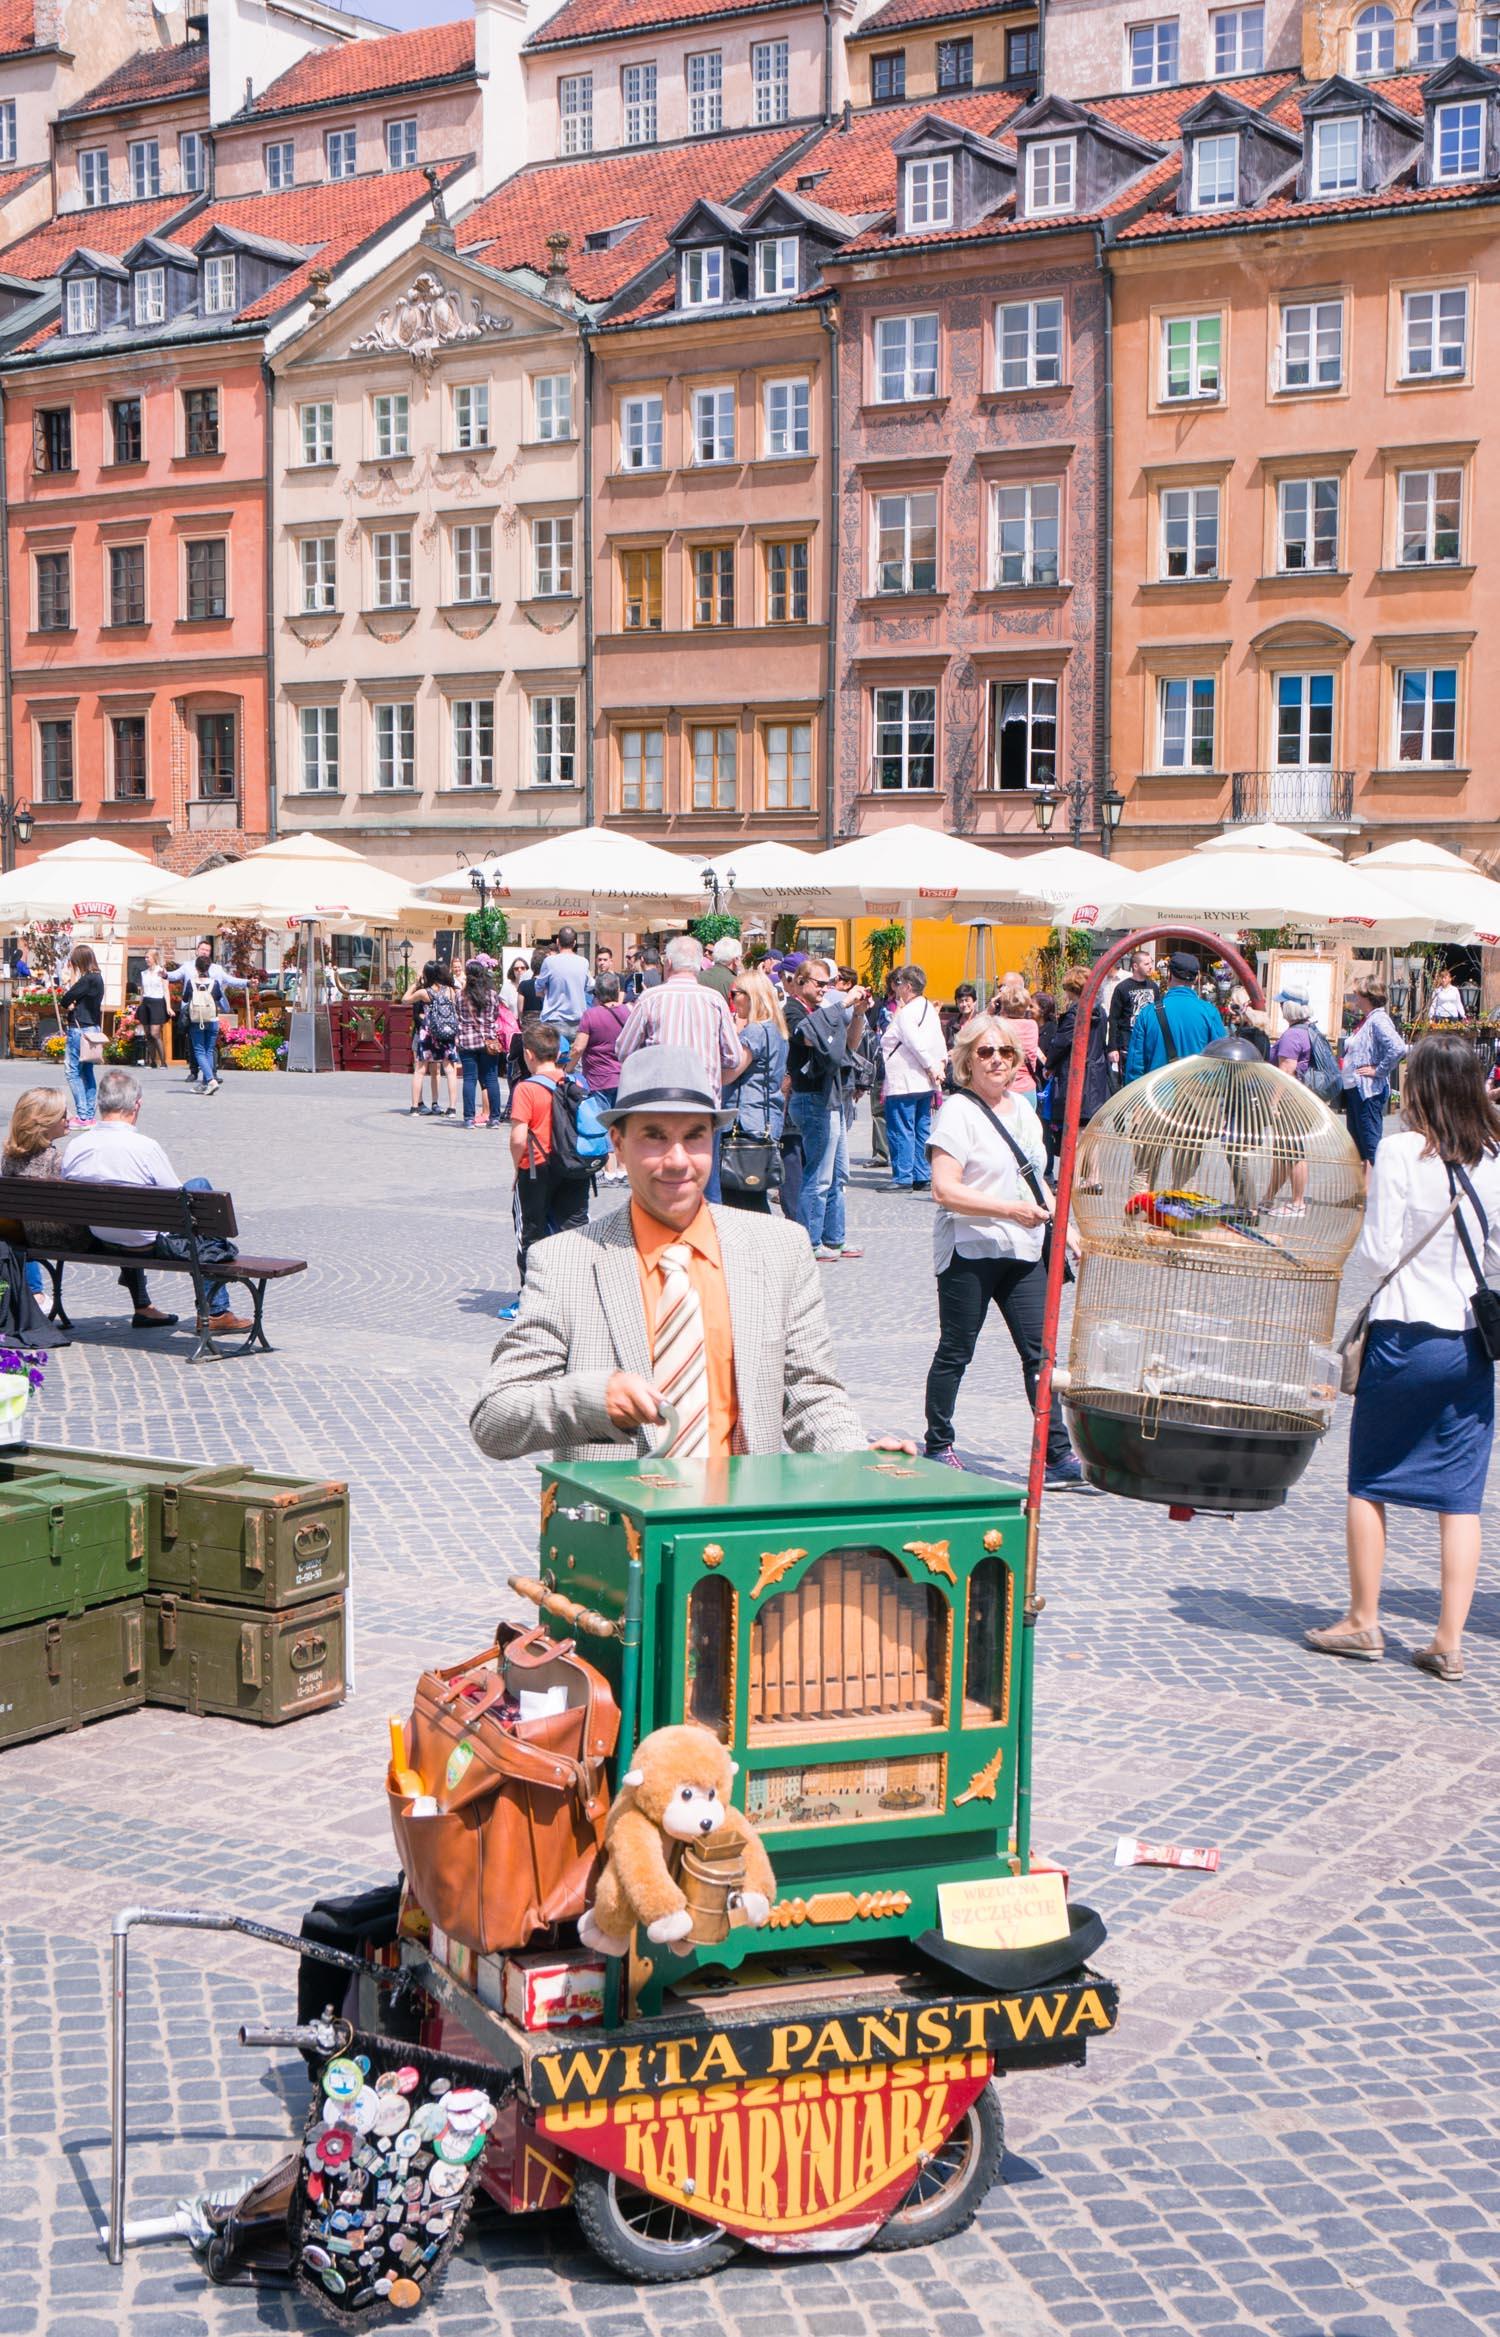 Strosa i gamla stan i Warszawa